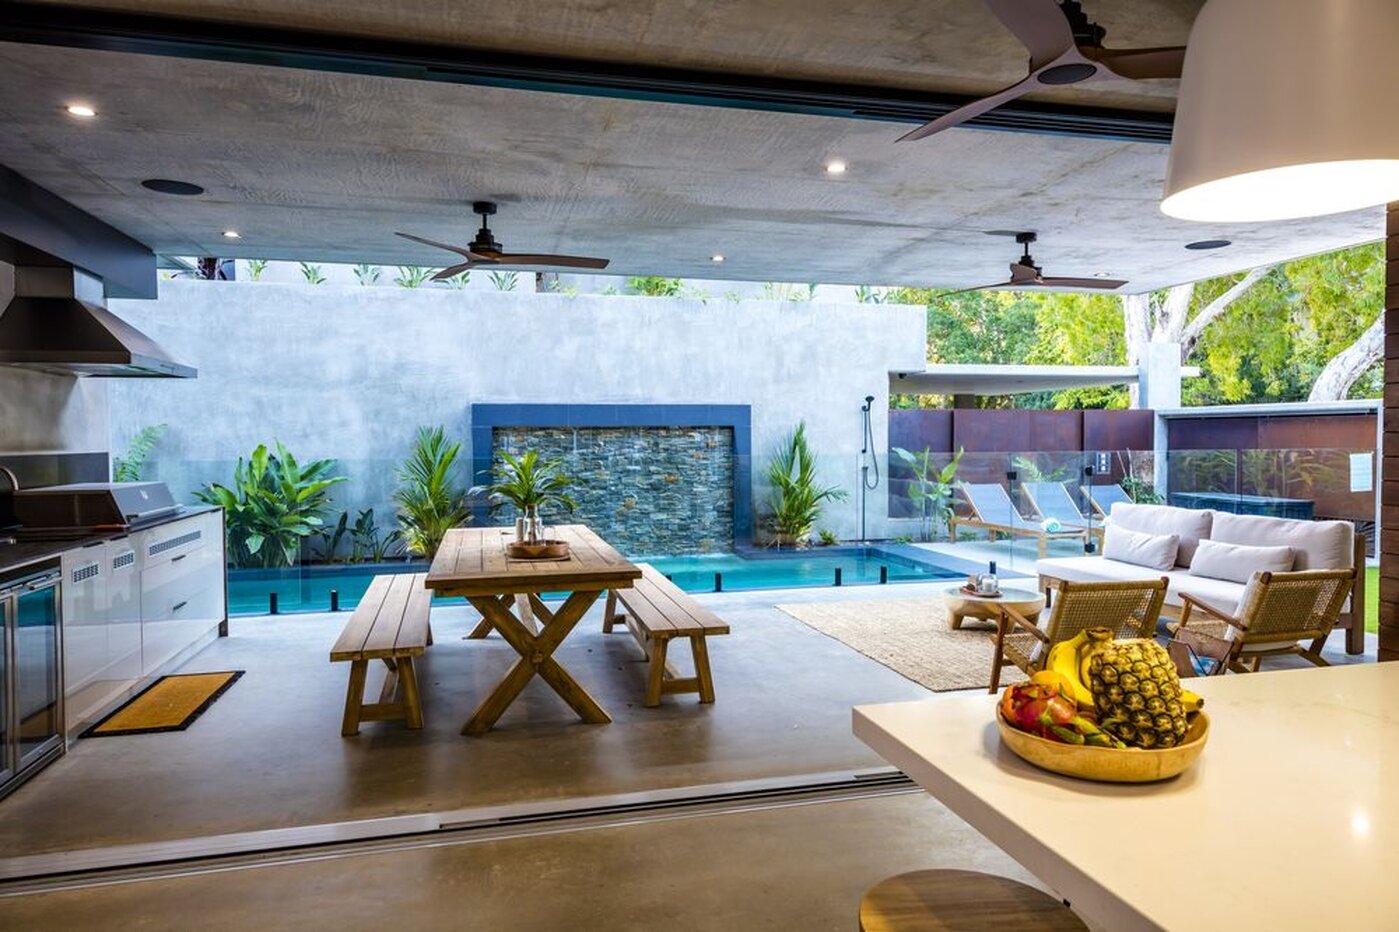 Alfresco area next to pool